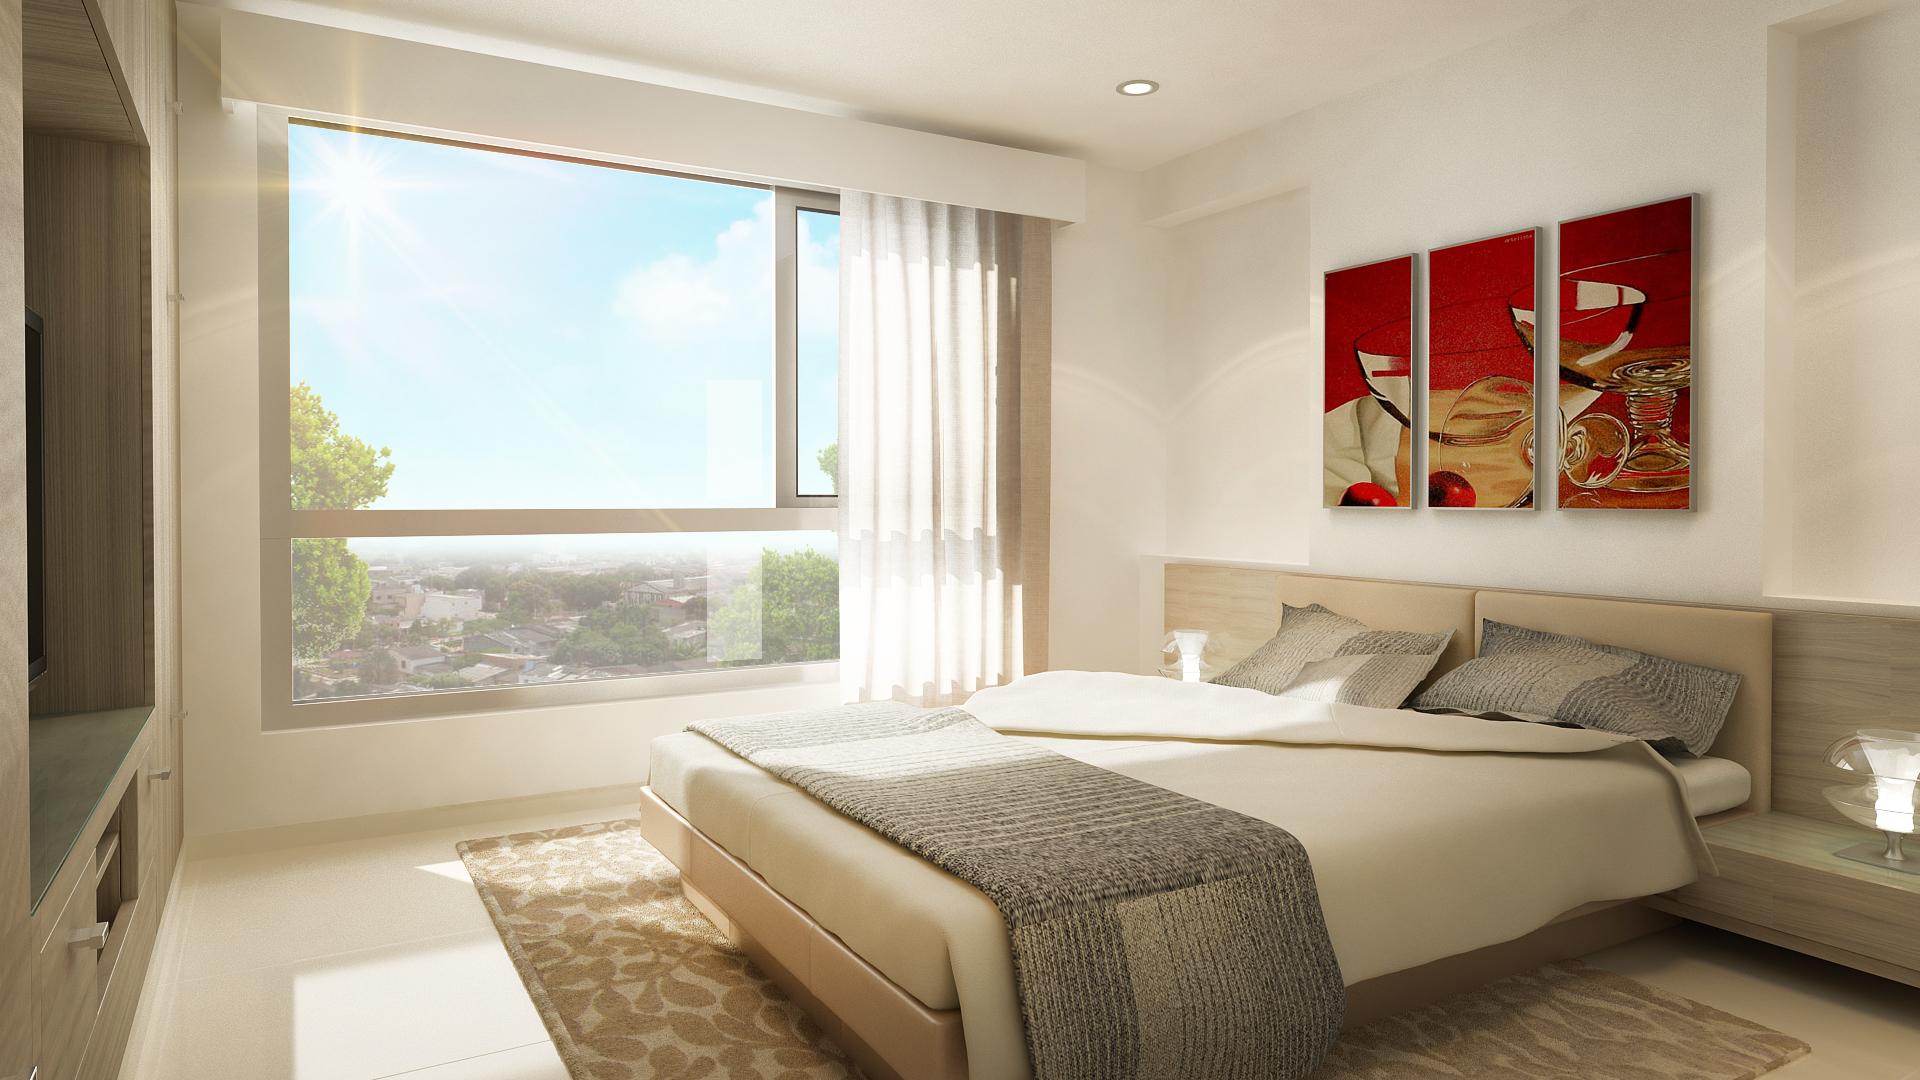 Imagen 7- Dormitorio